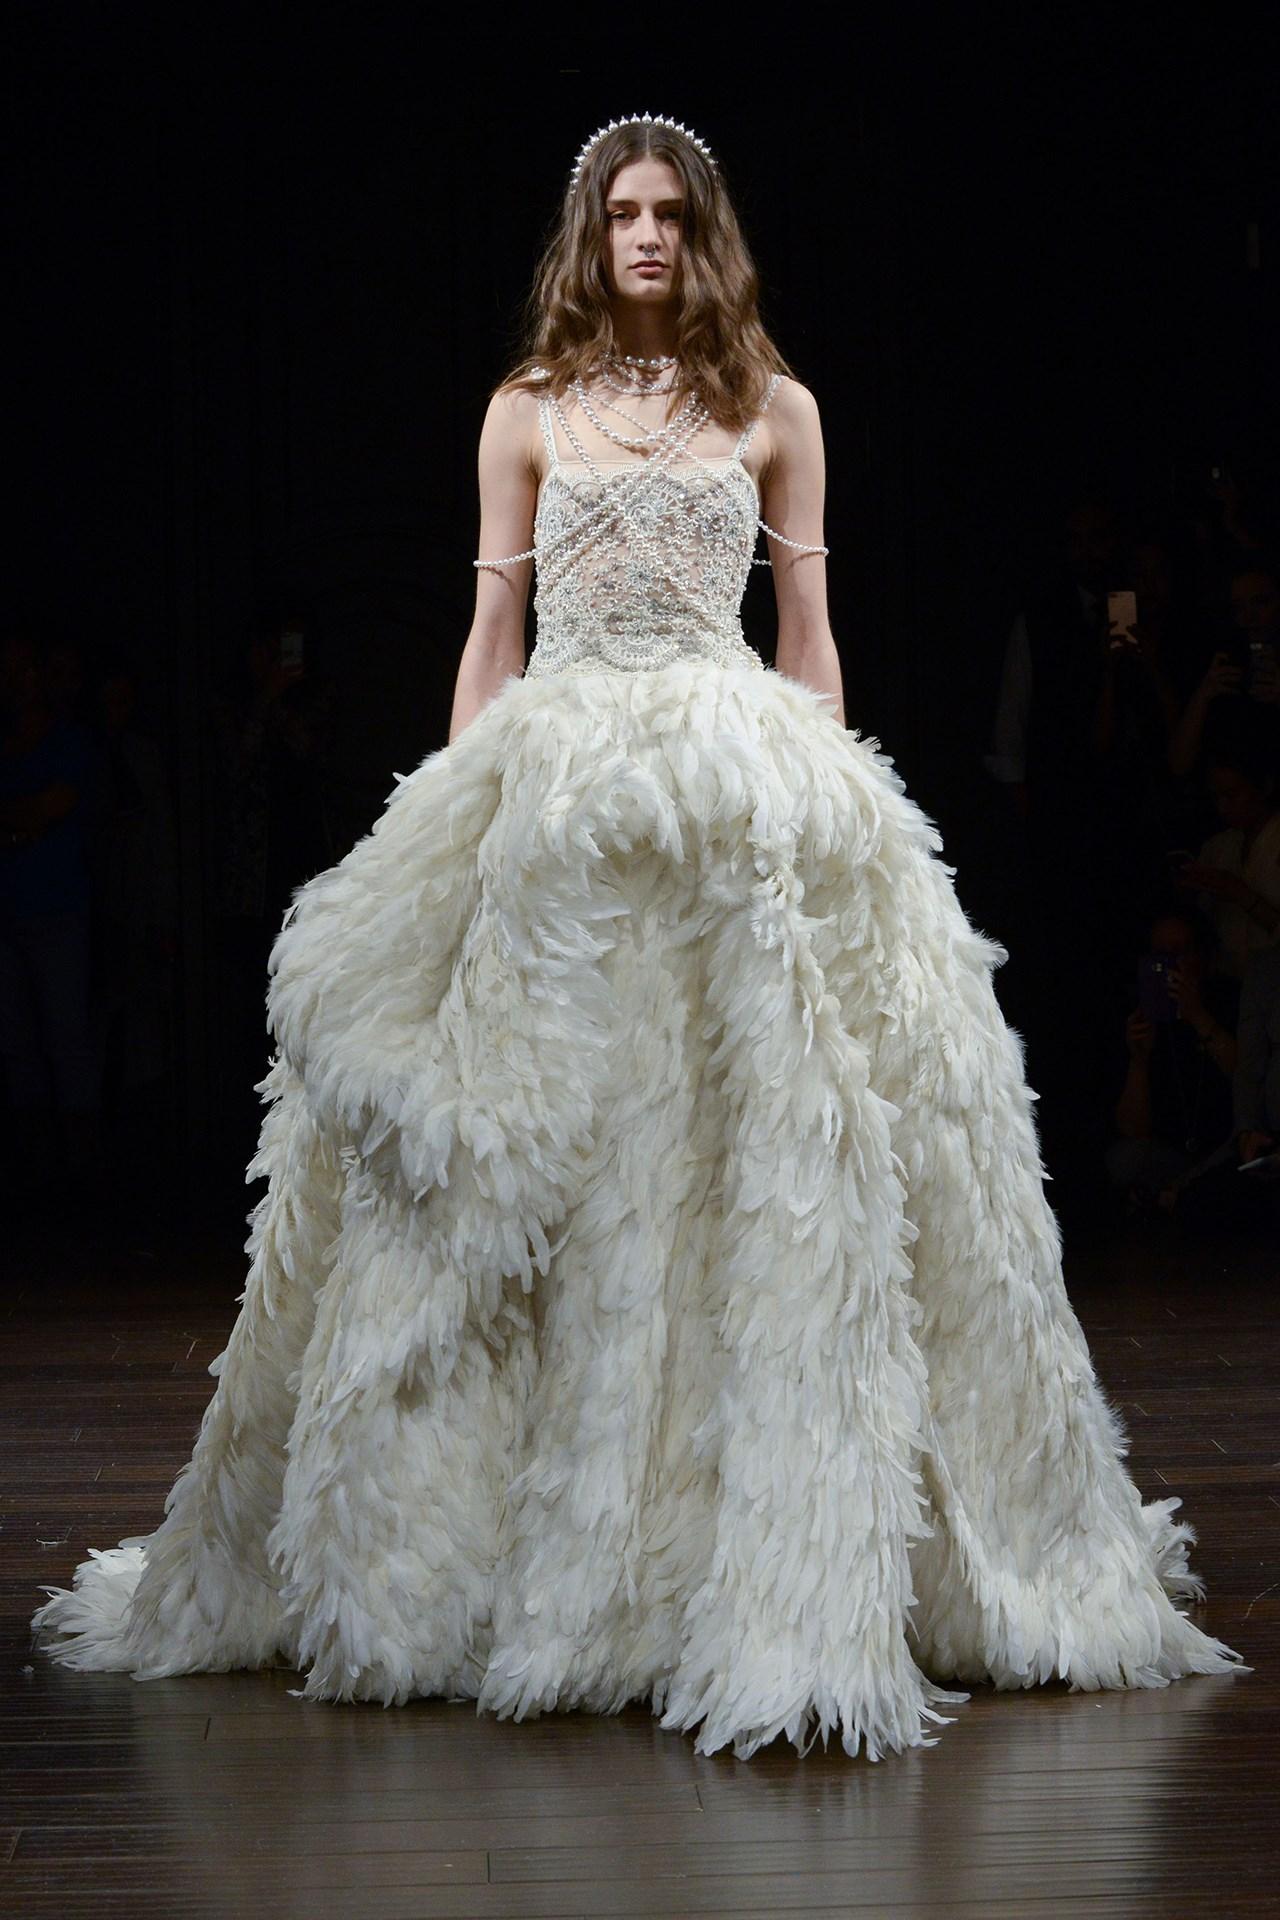 tendencia-vestido-noiva-2018-volume-plumagem-Naeem Khan